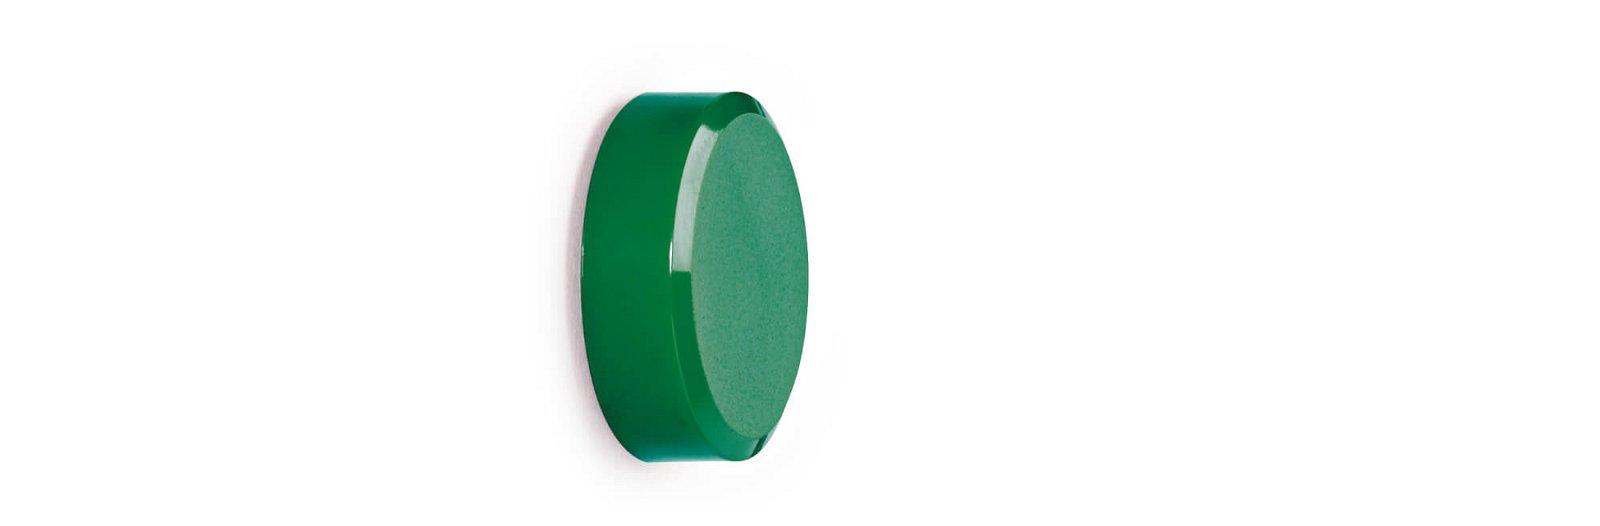 Facetterand-Magnet MAULpro Ø 30 mm, 0,6 kg, 20 St./Set, grün